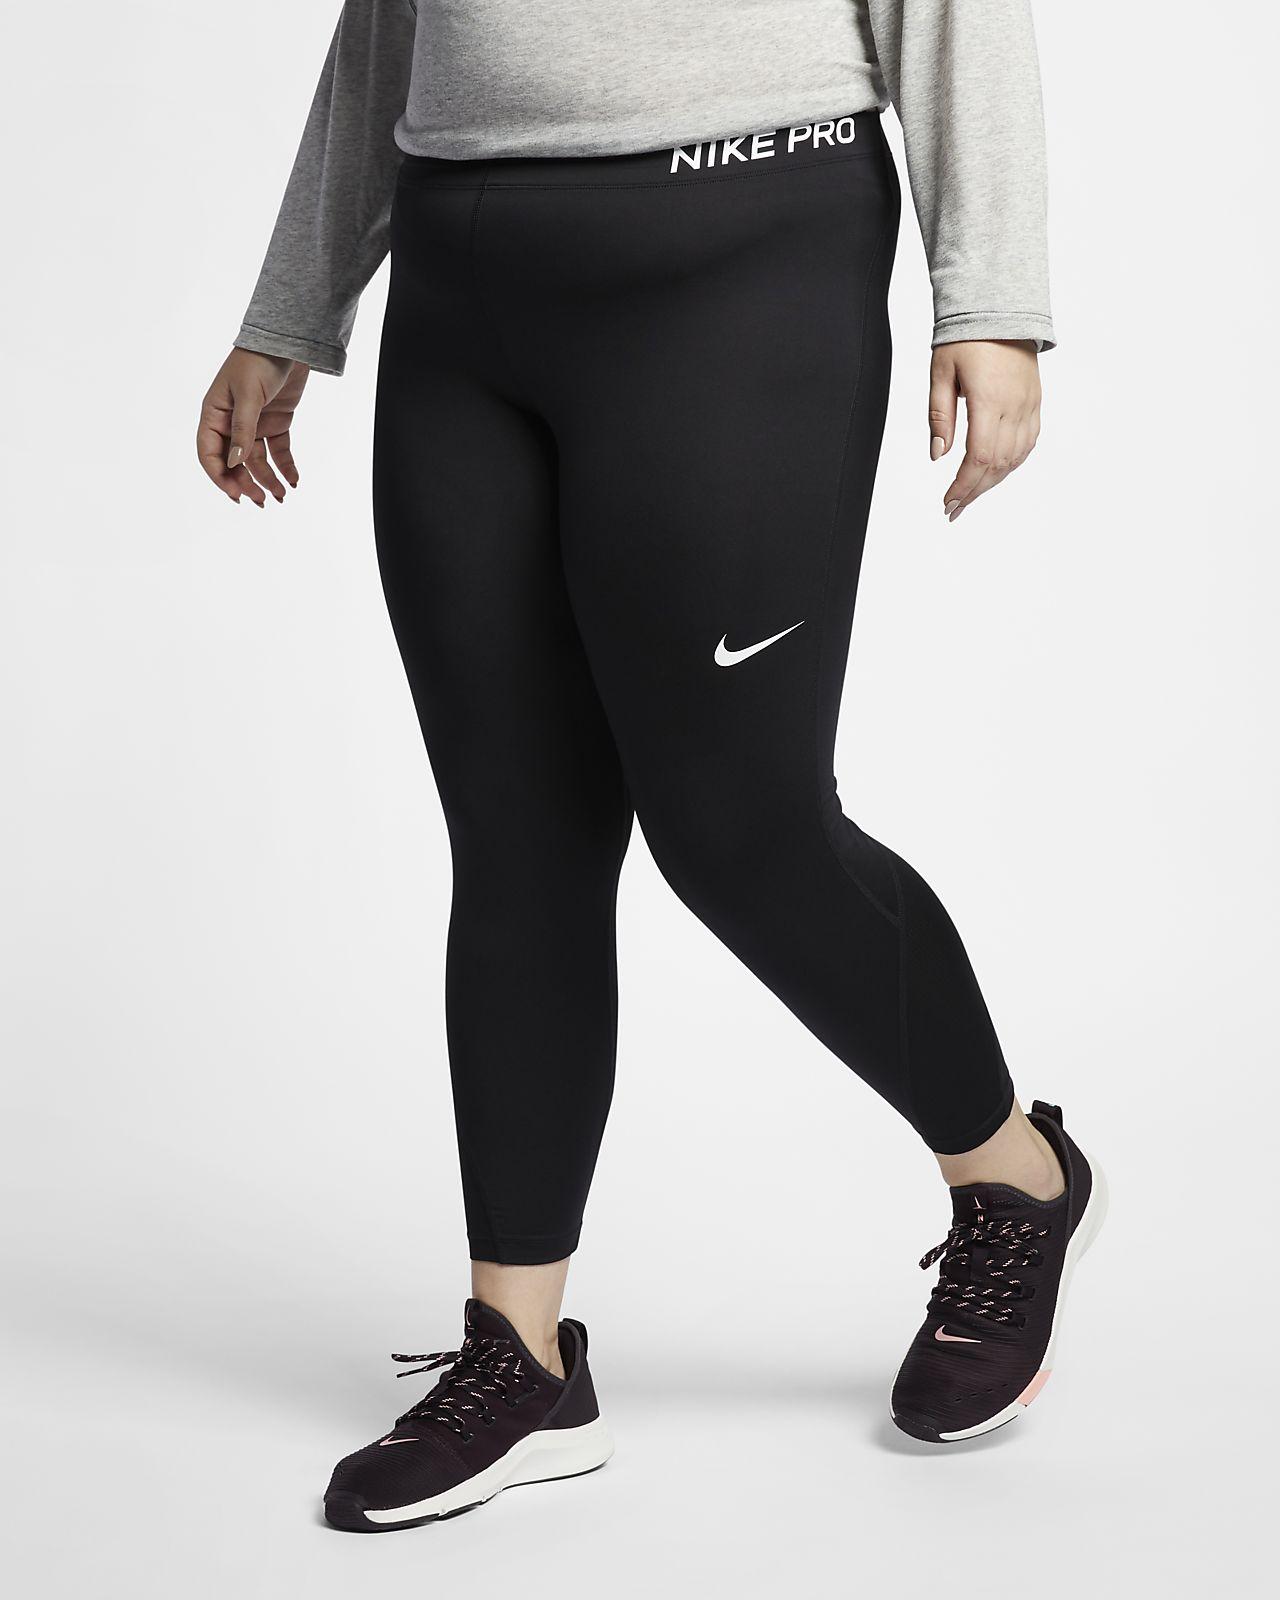 d0fa4bc4060 Nike Pro Women s Mid-Rise Training Capris (Plus Size). Nike.com BG